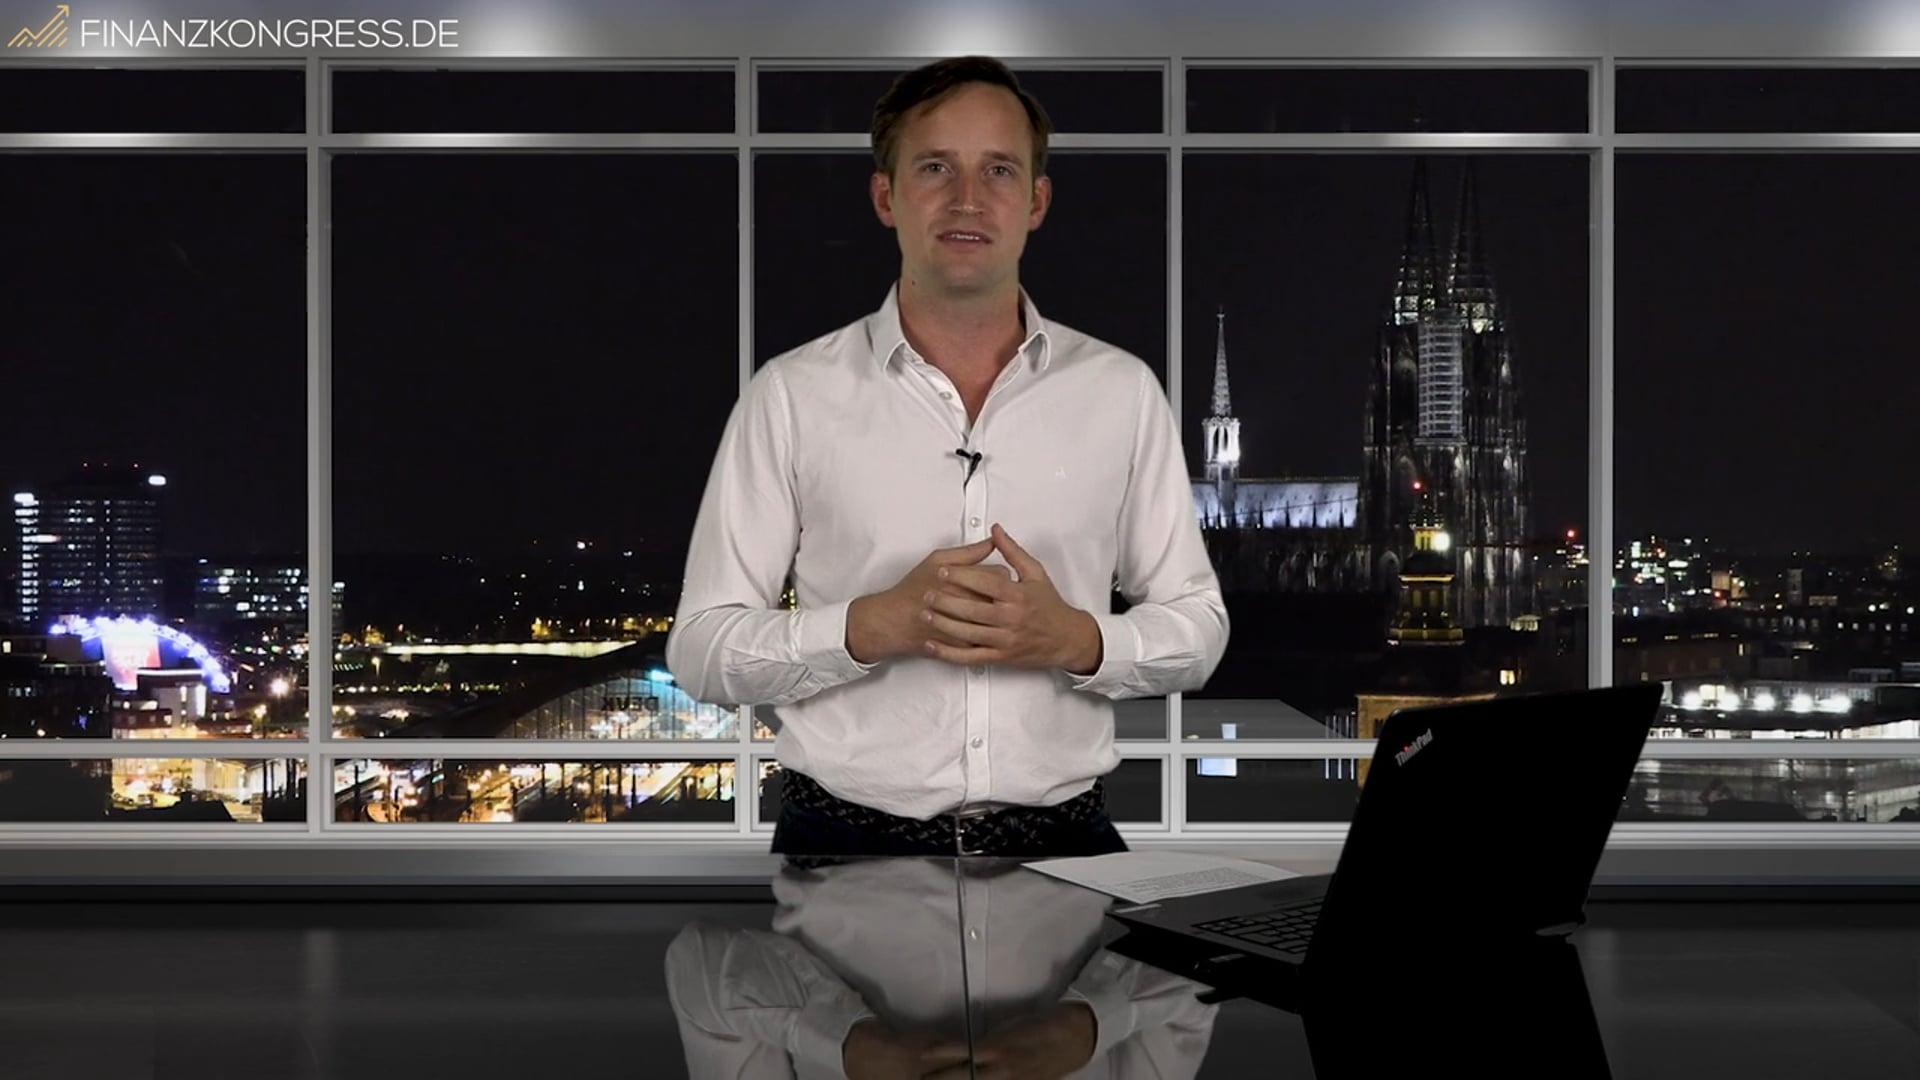 Christian Wielgus - Finanzkongress 2019